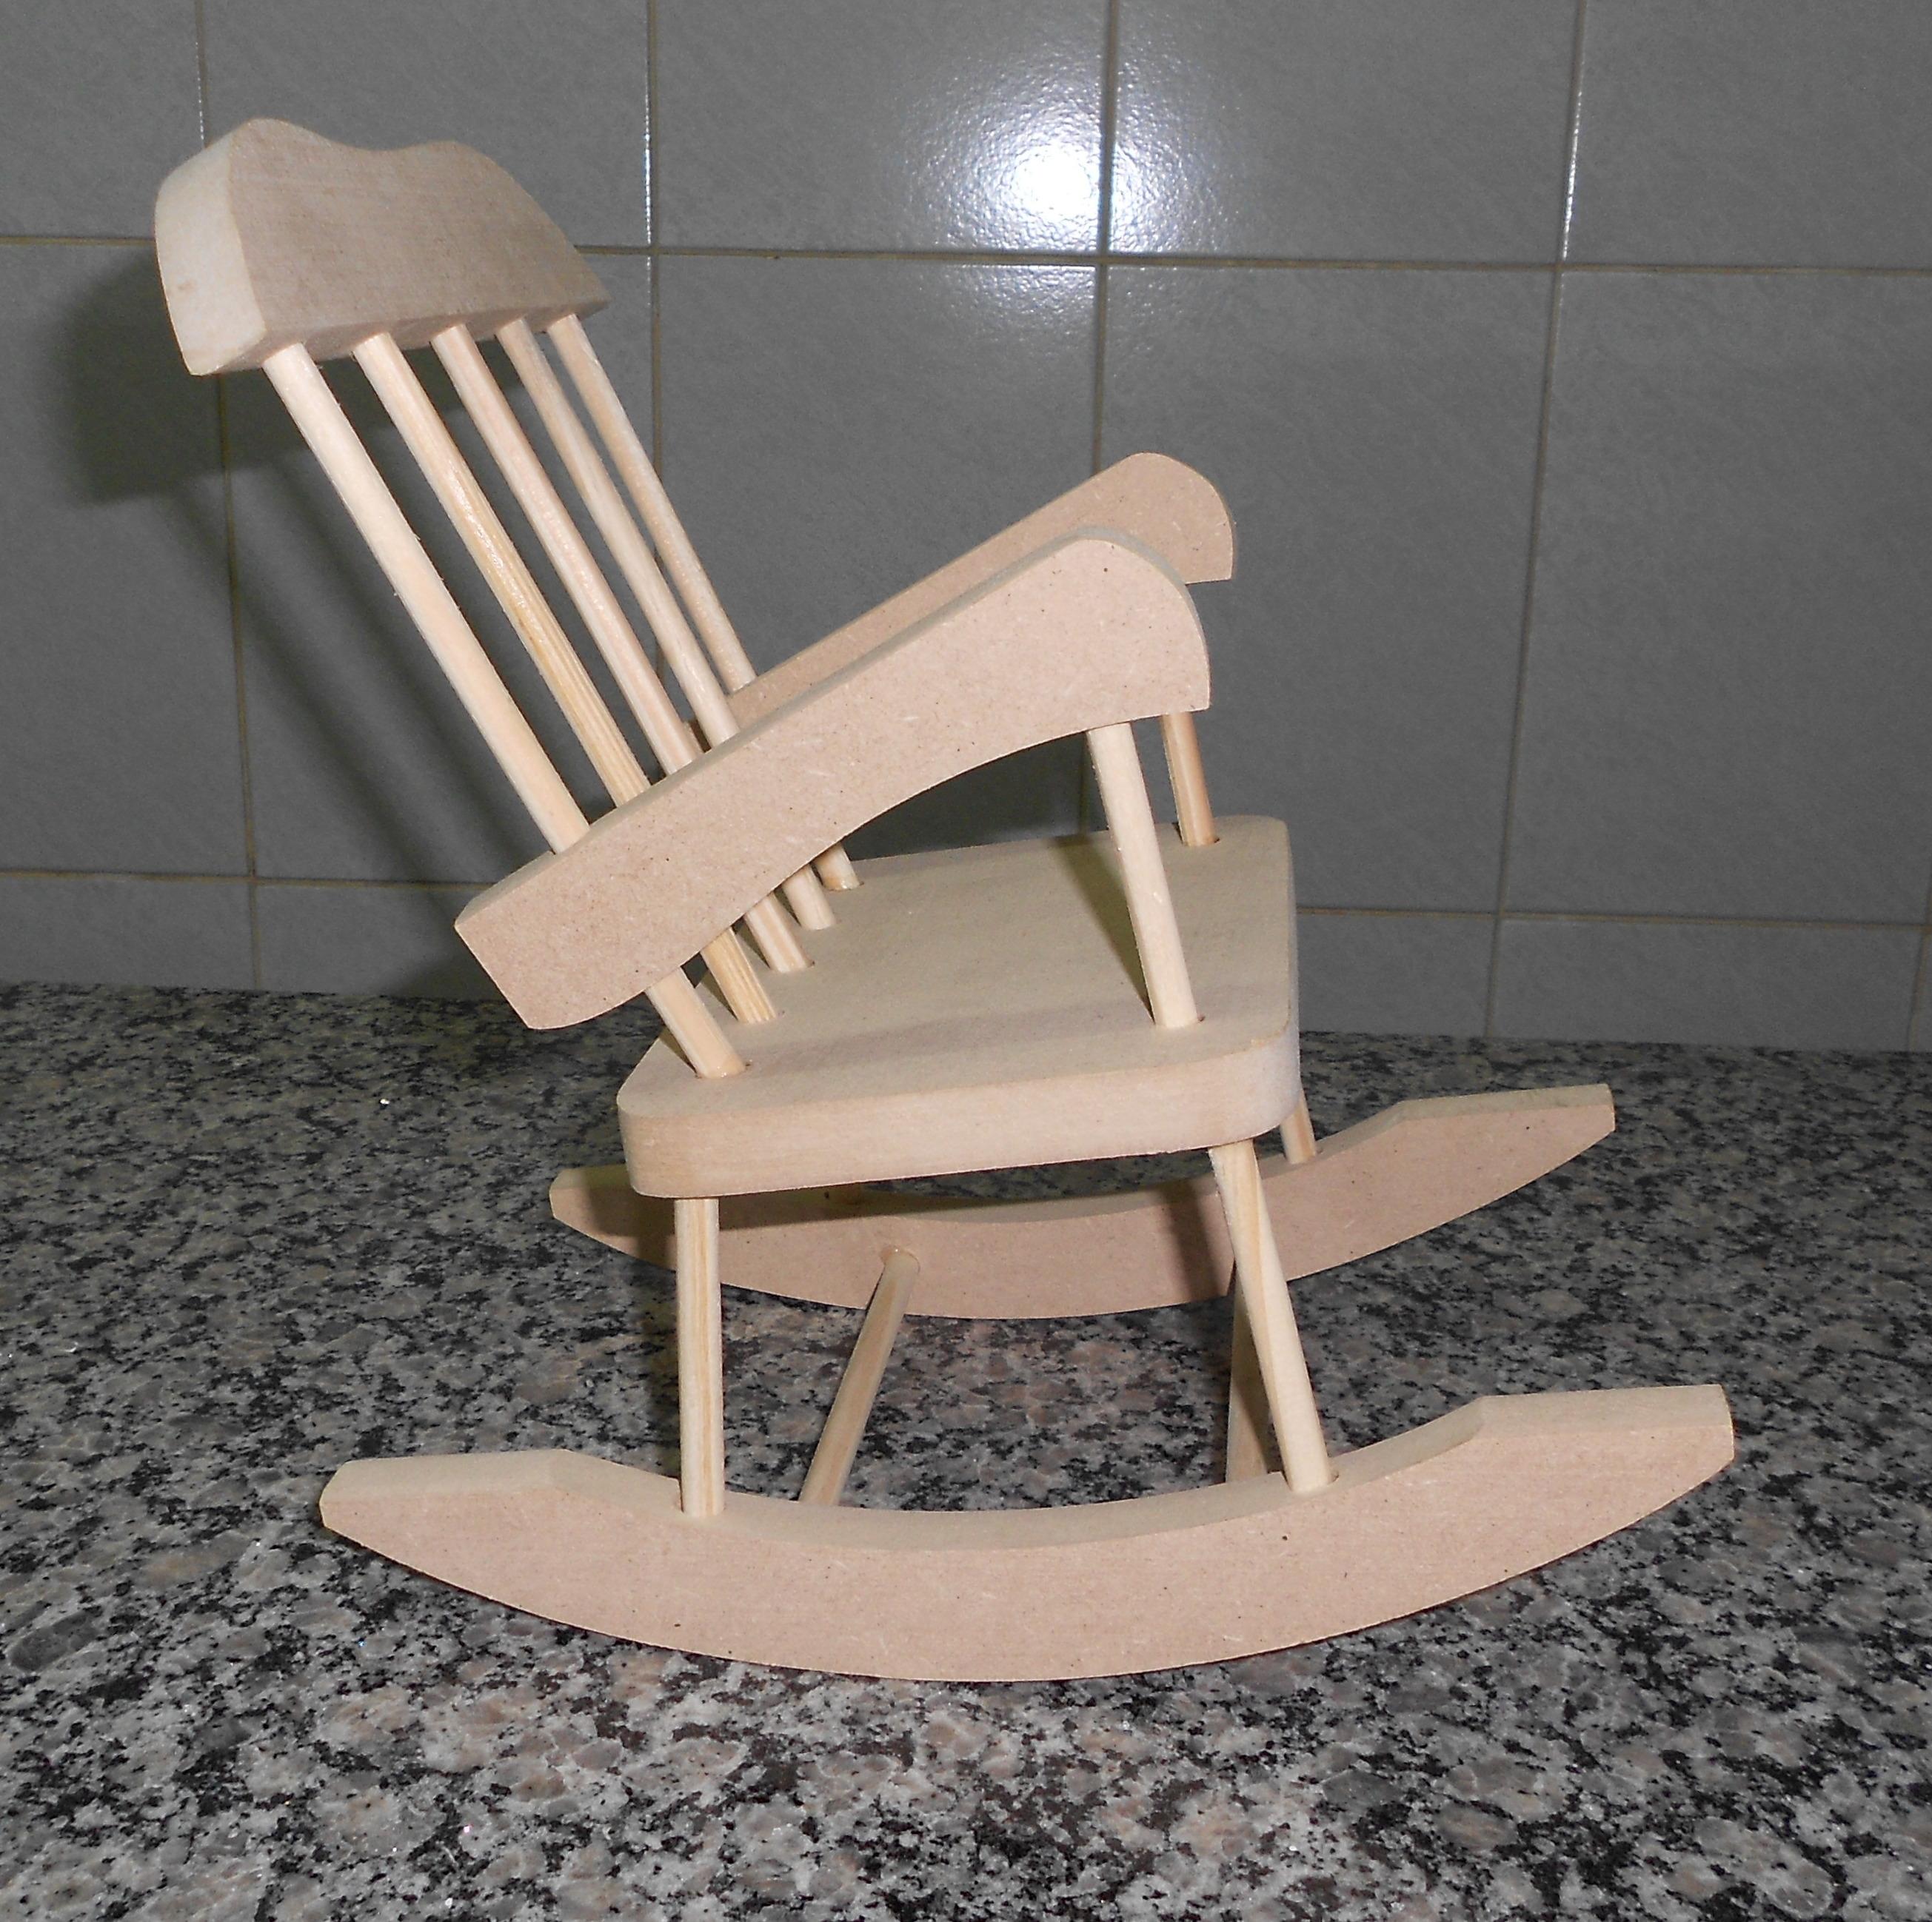 cadeira de balanco em mdf cru cadeira de balanco #856146 2609x2596